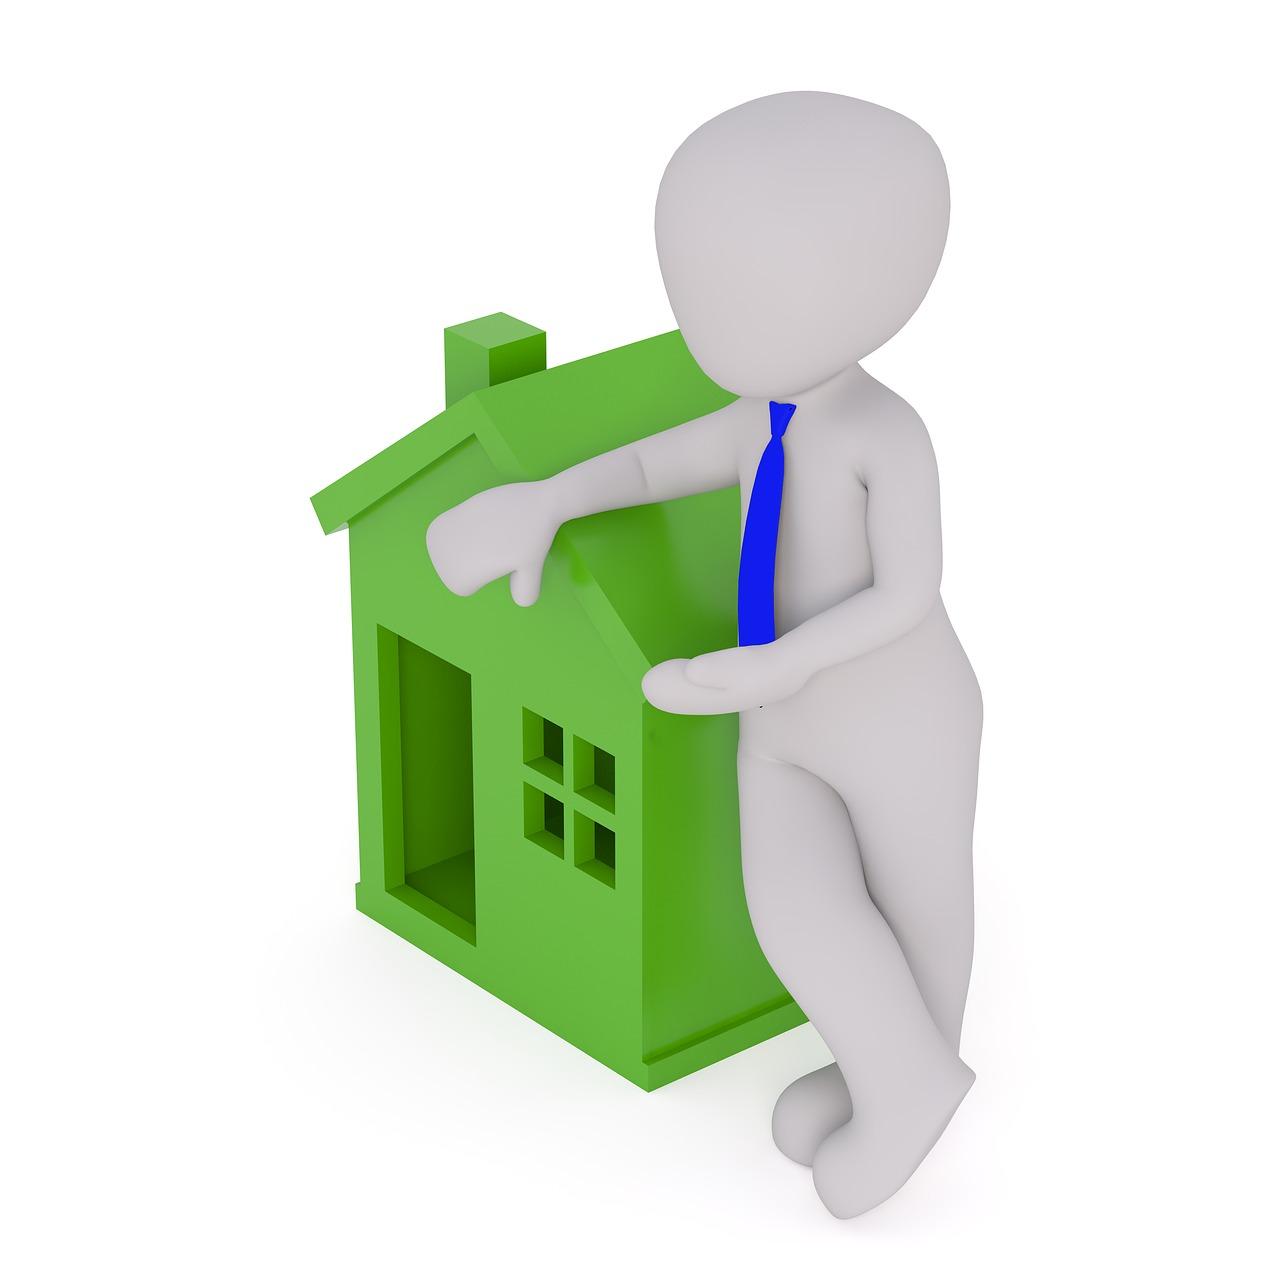 חשיבות הליווי המשפטי של עורך דין במכירת דירה